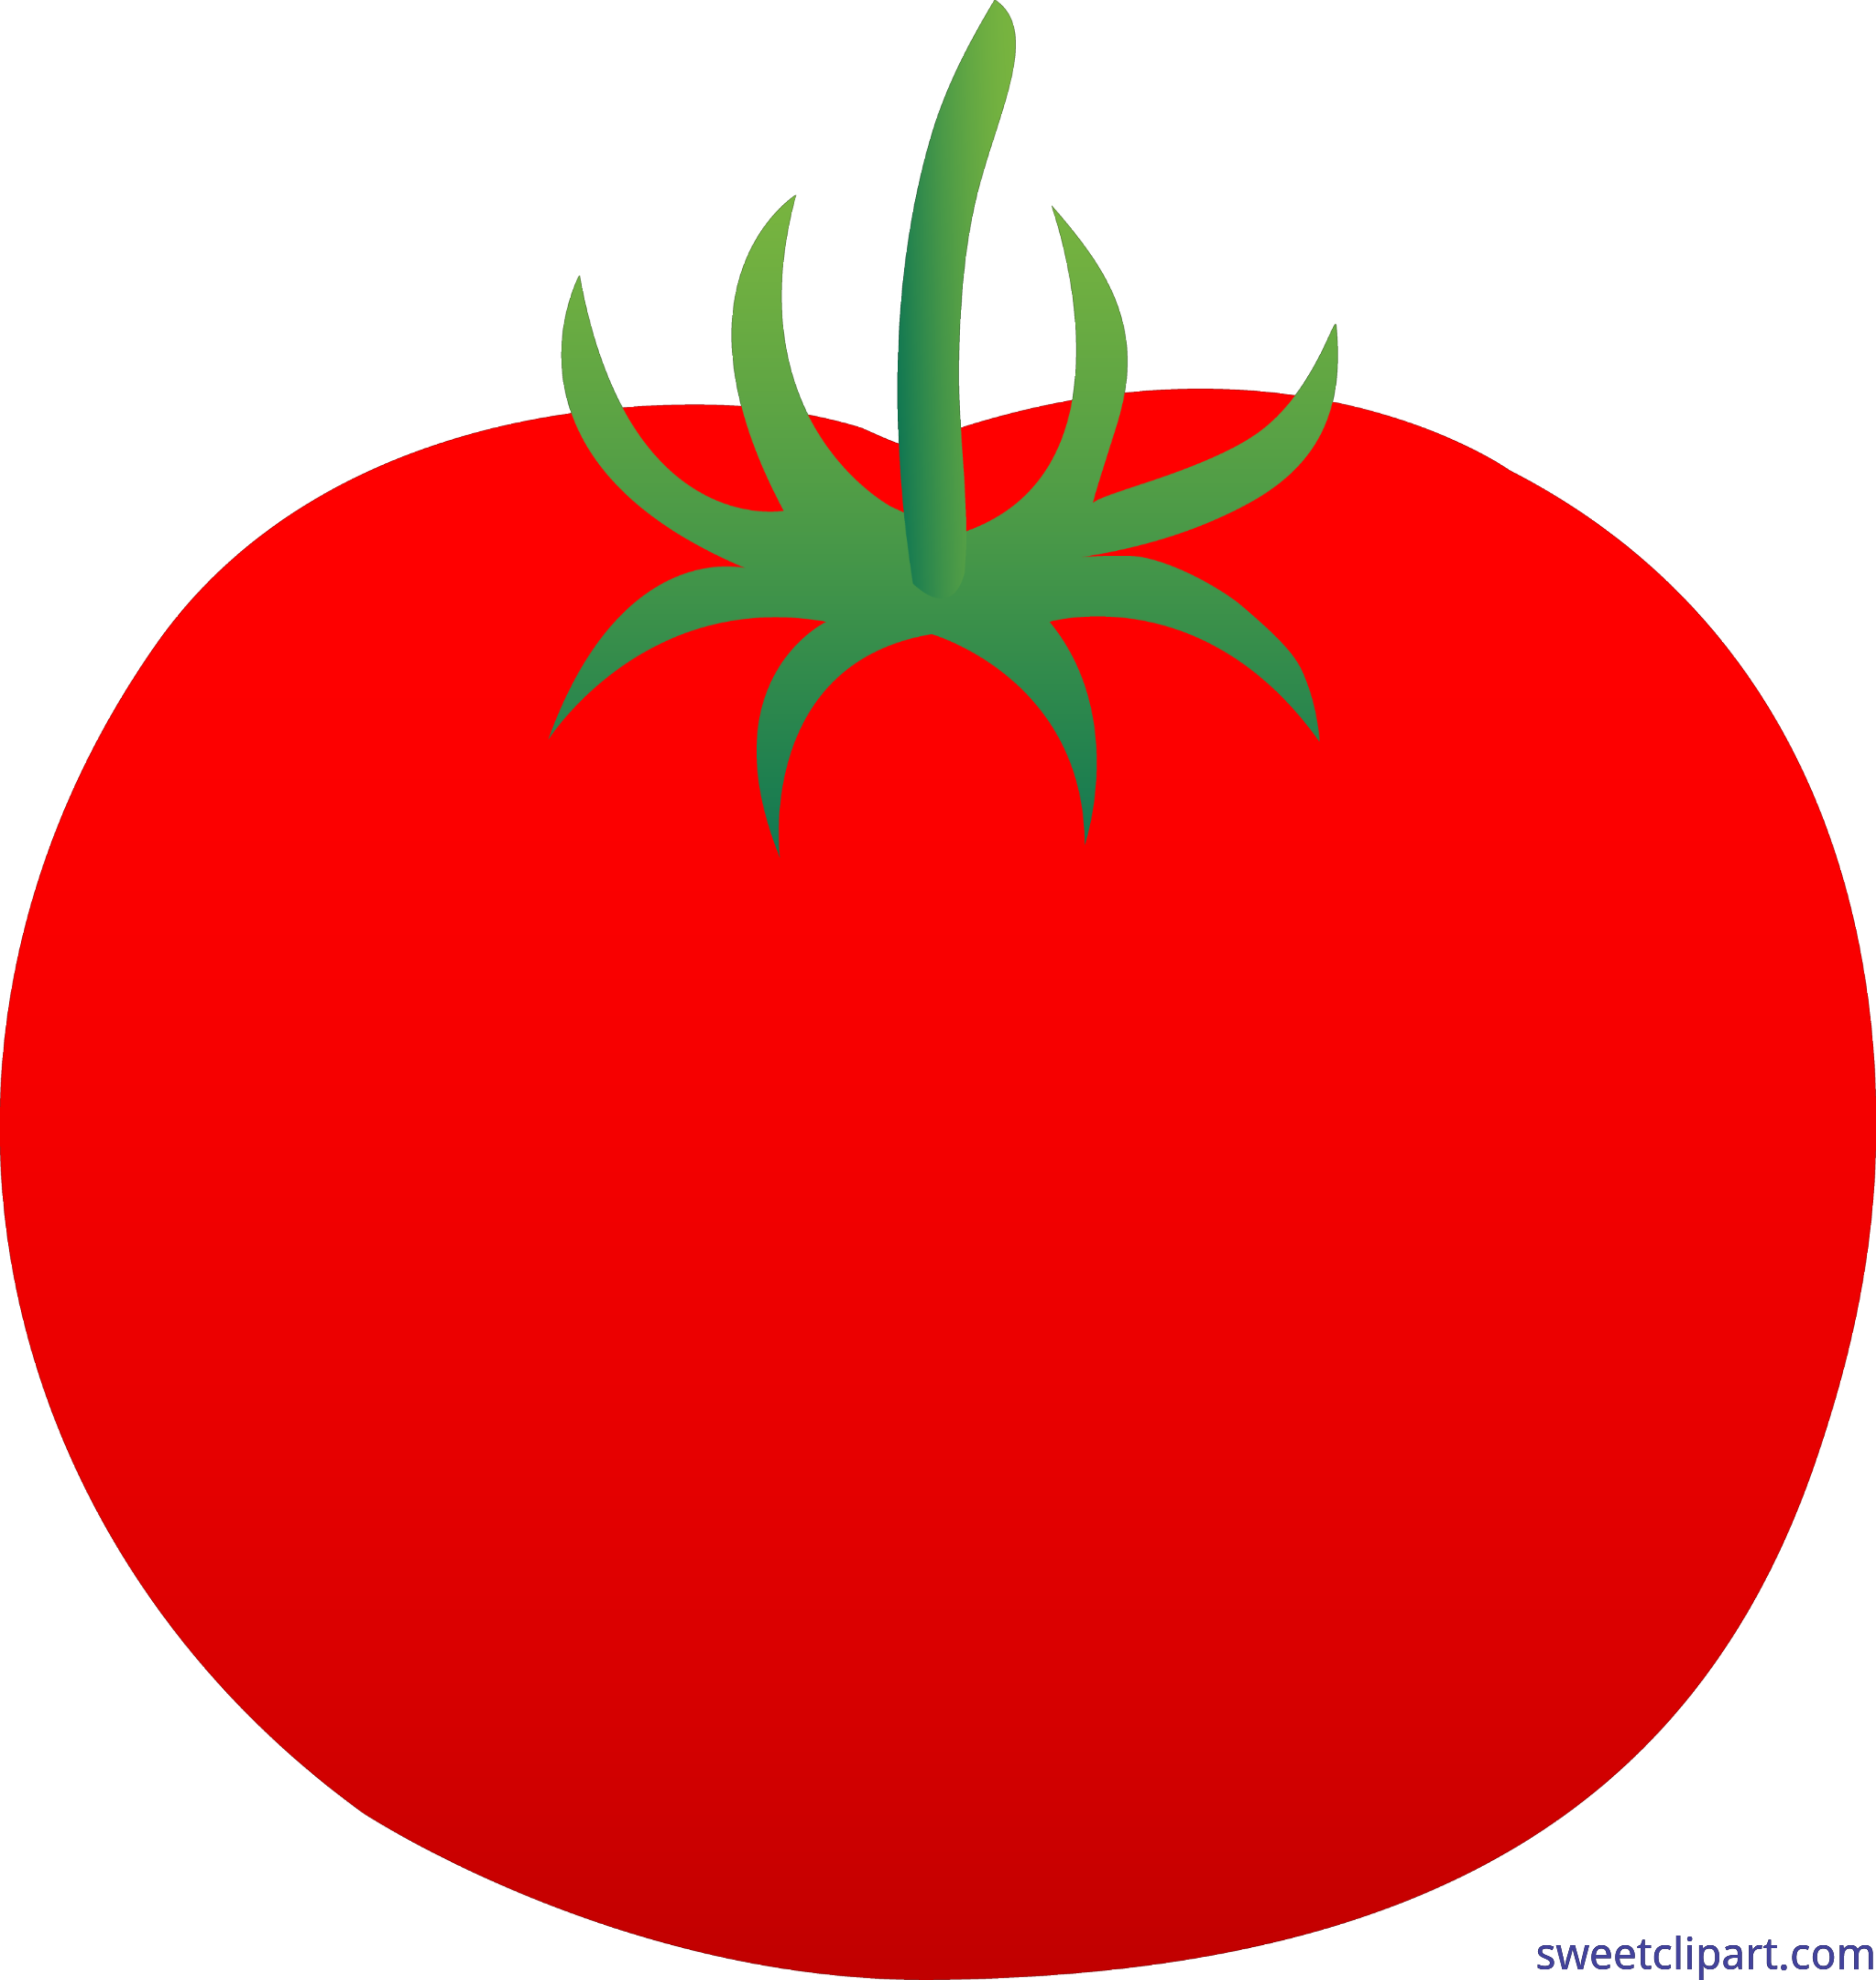 Red Tomato Clip Art.